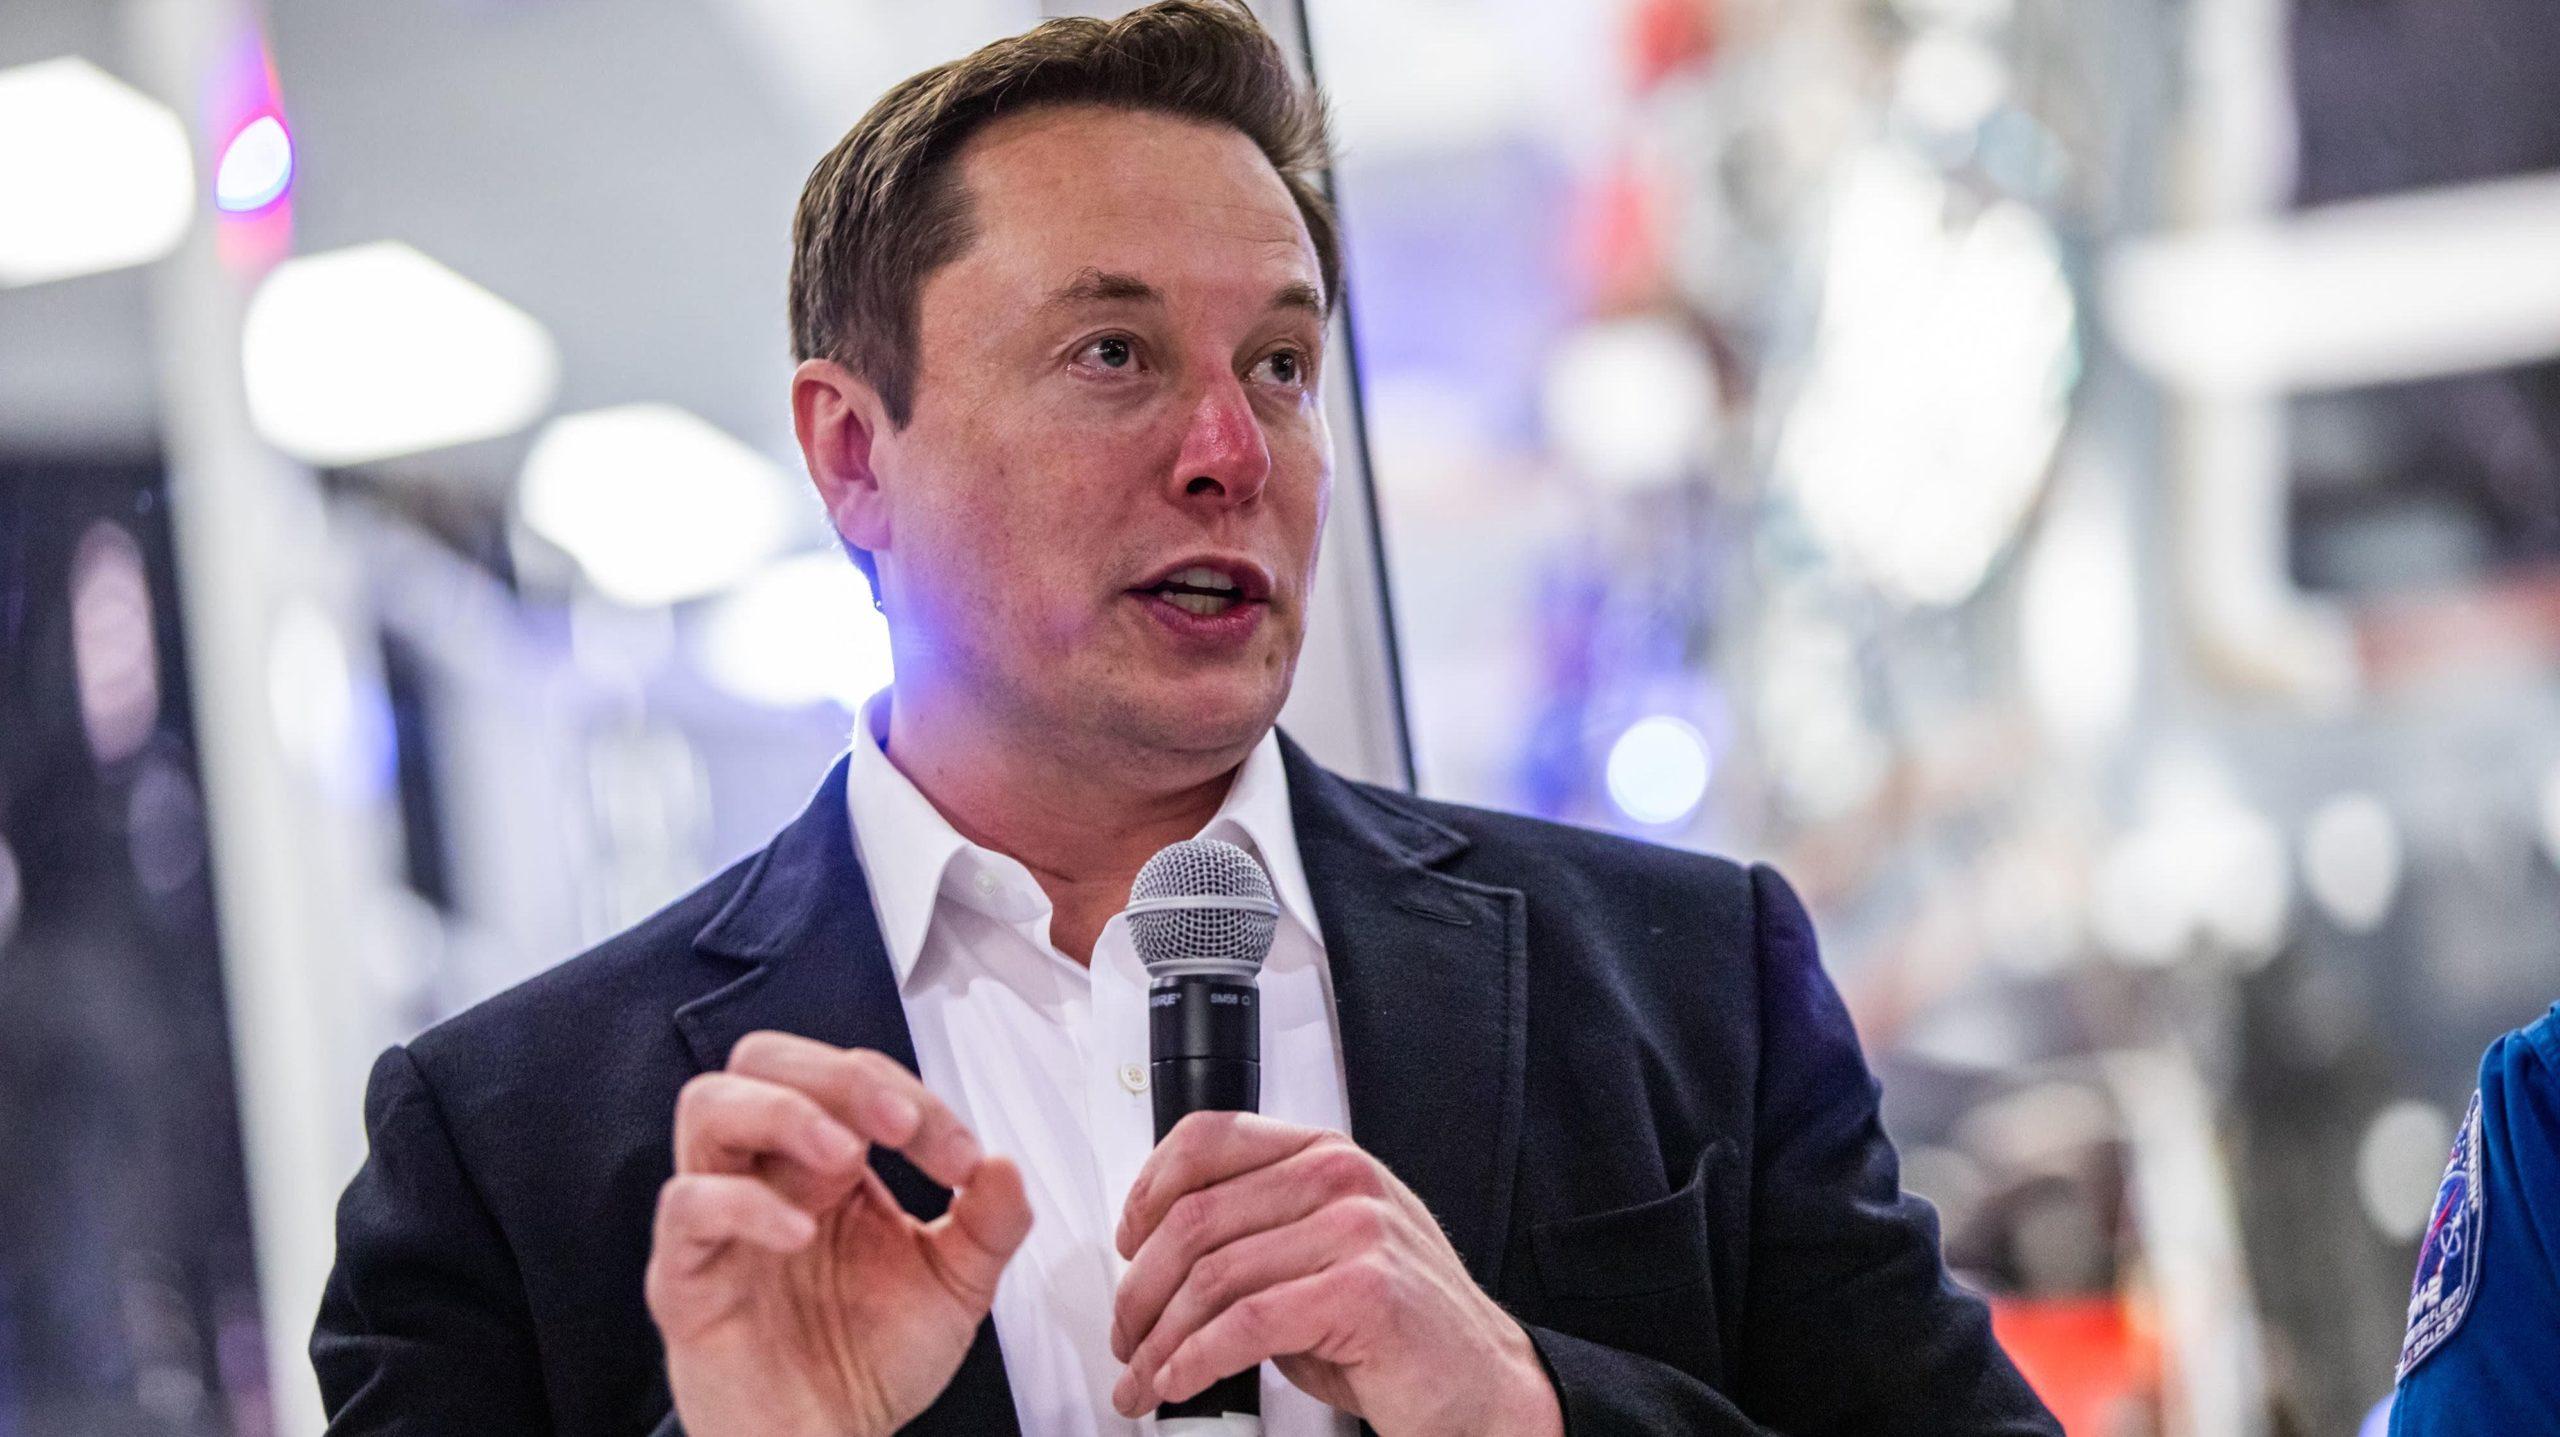 Elon Musk diz que quem quiser ir à Marte poderá pegar um empréstimo e pagar a dívida com trabalho - Gizmodo Brasil